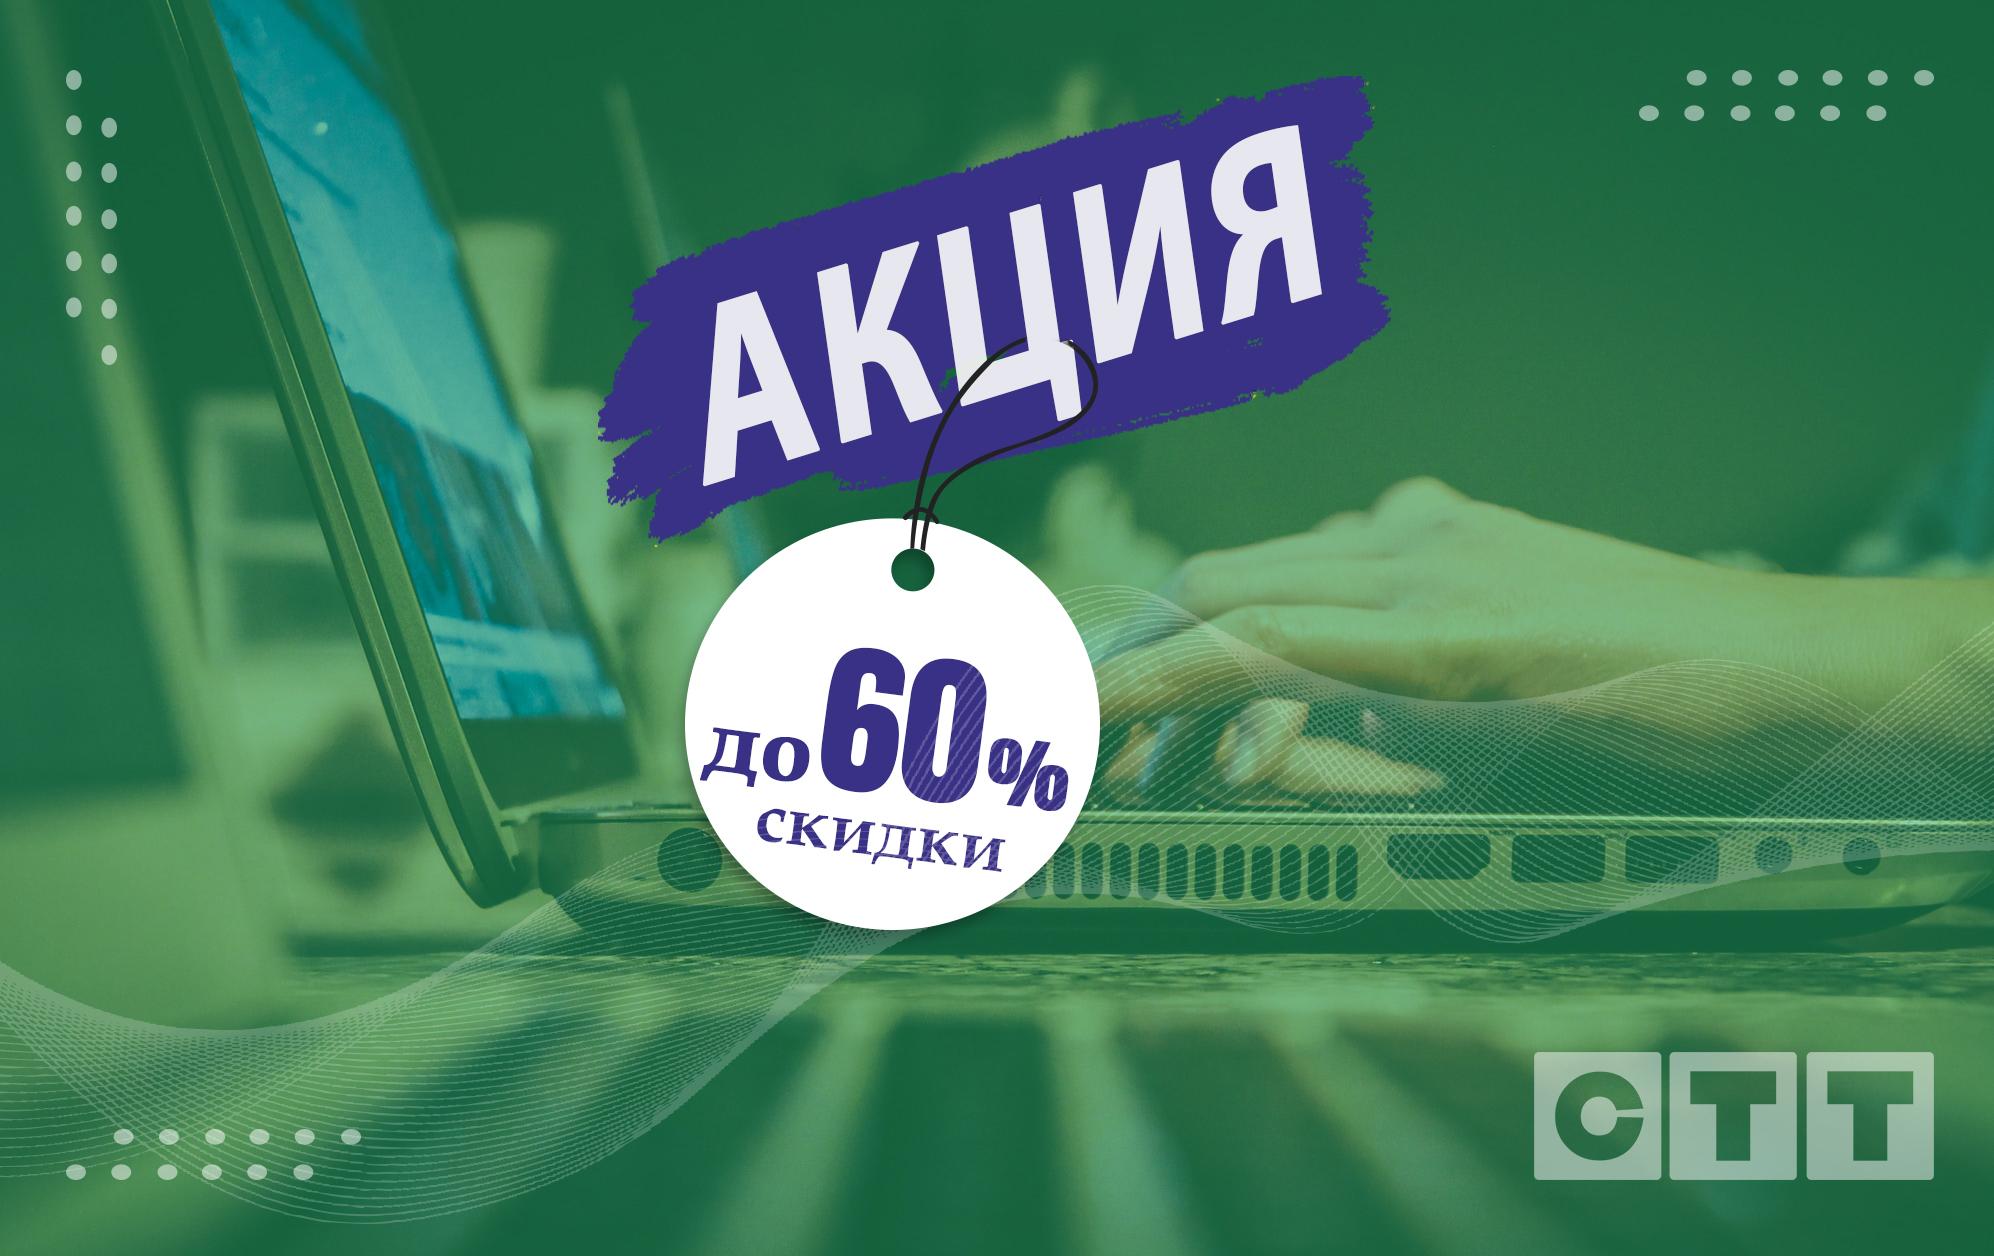 Акция: скидка до 60% на подключение и обмен EDI-сообщениями до конца года для новых клиентов